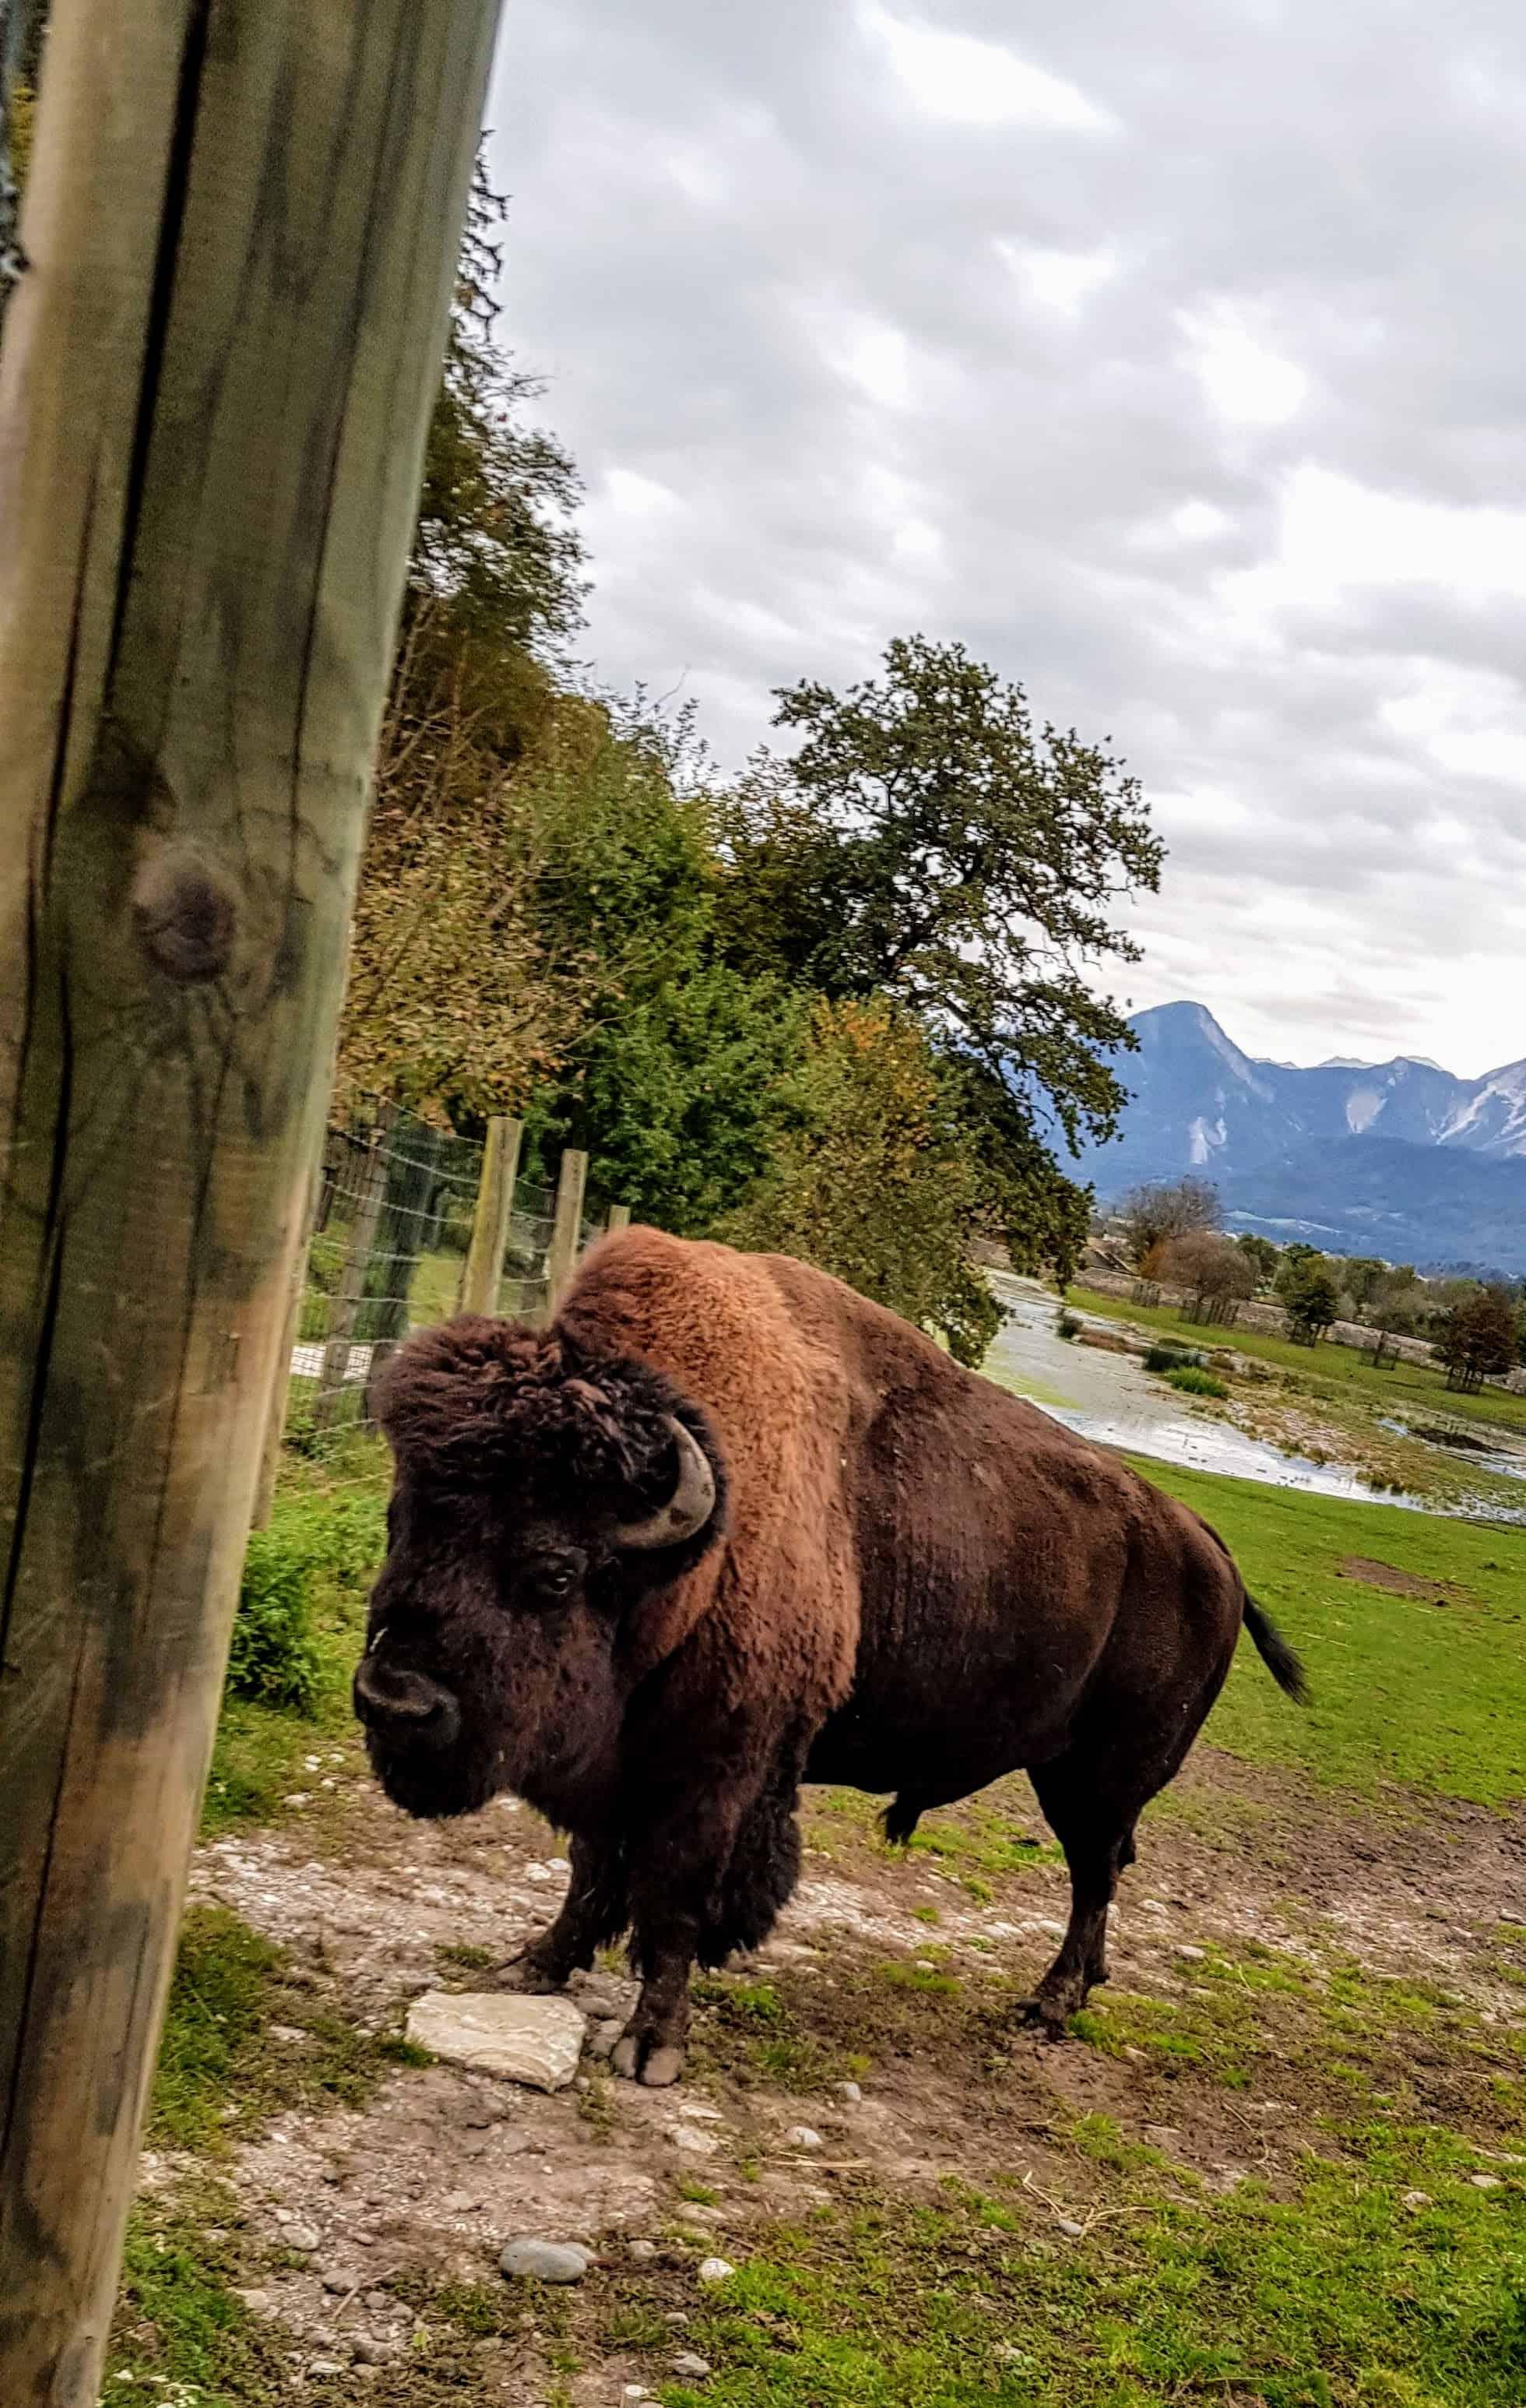 Bison bei Ausflug in Tierpark Rosegg in Kärnten Nähe Wörthersee - Sehenswürdigkeiten in der Carnica Region Rosental, Österreich